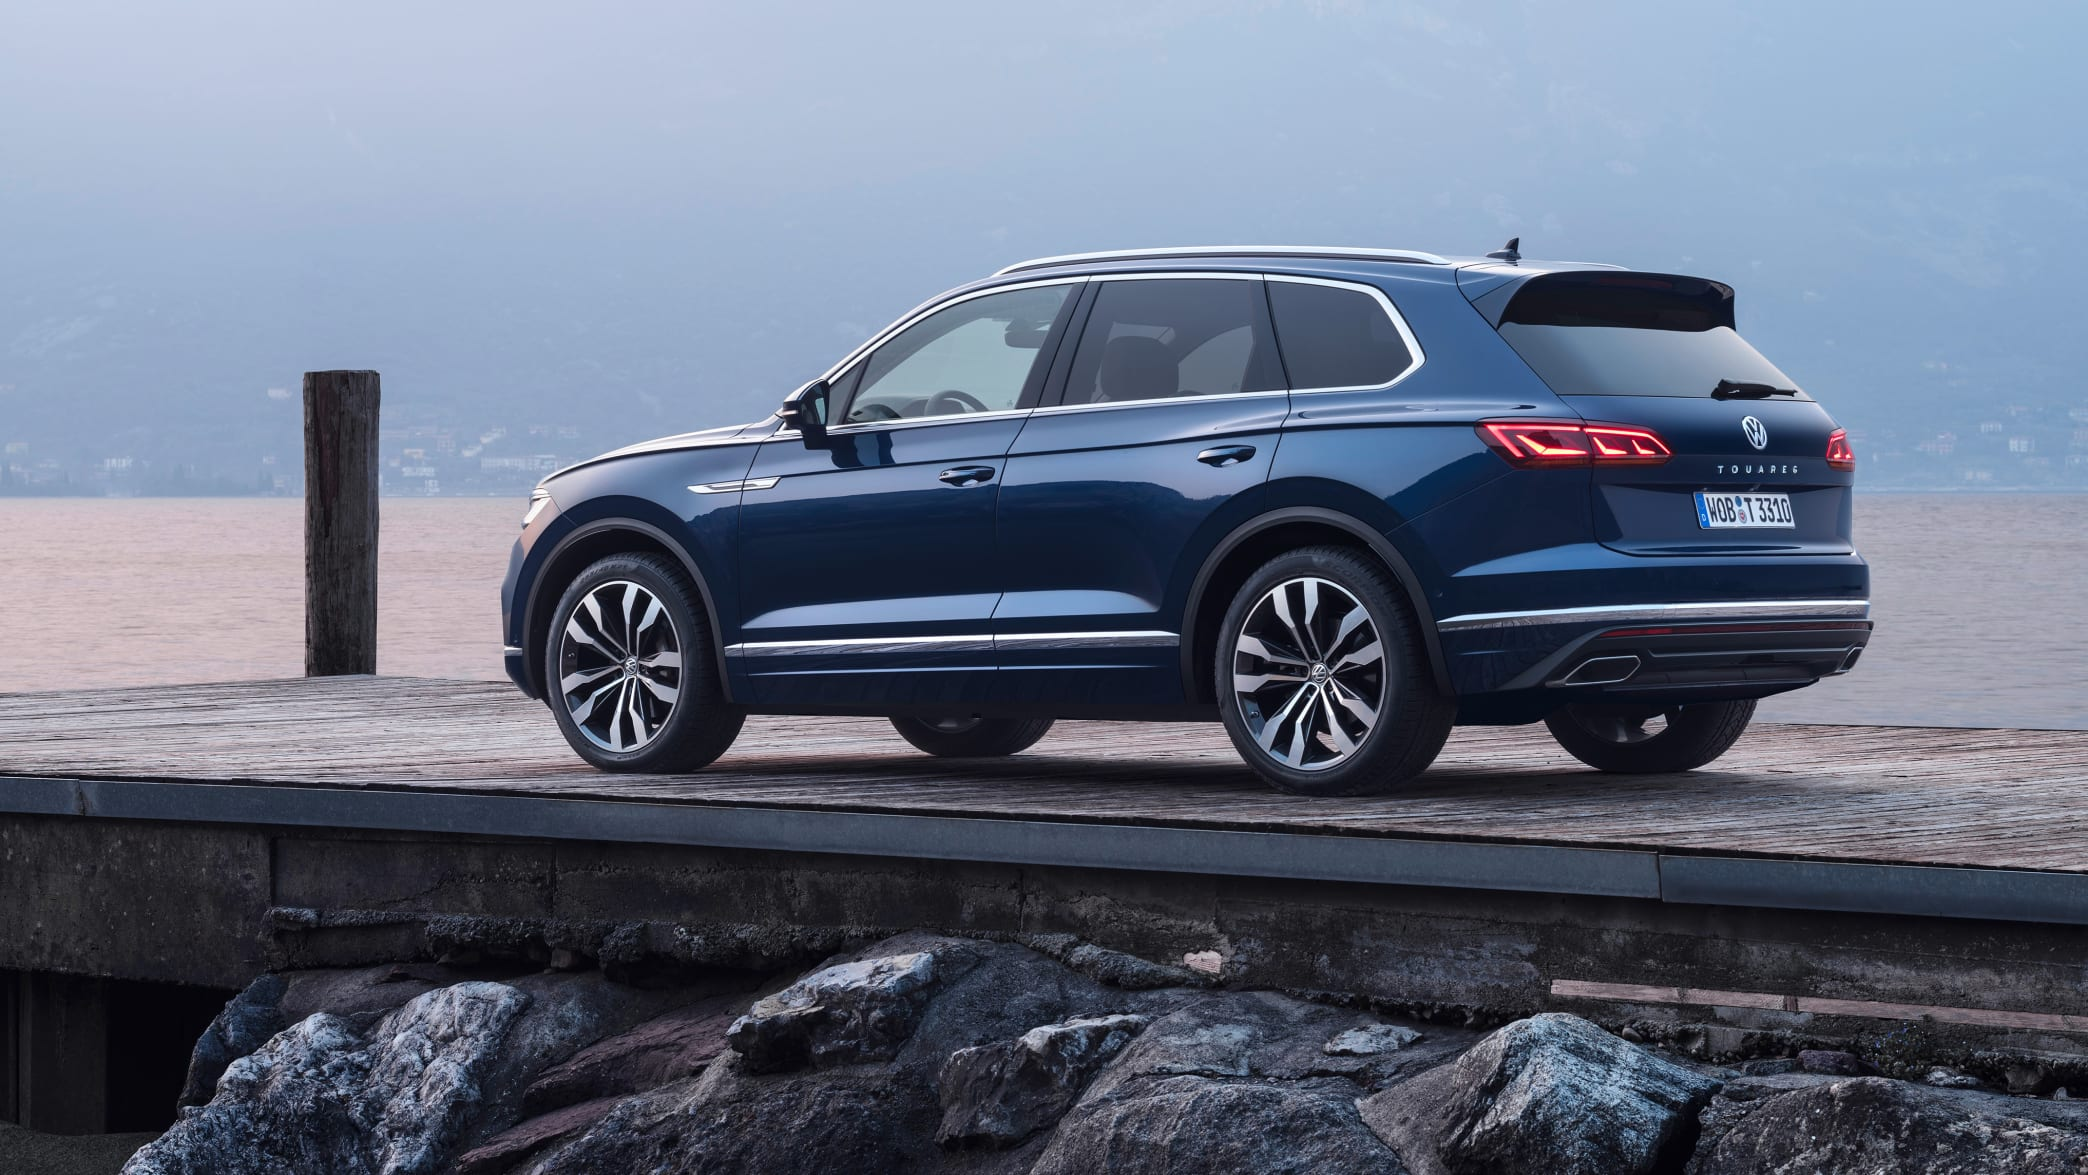 blauer VW Touareg steht auf Steg